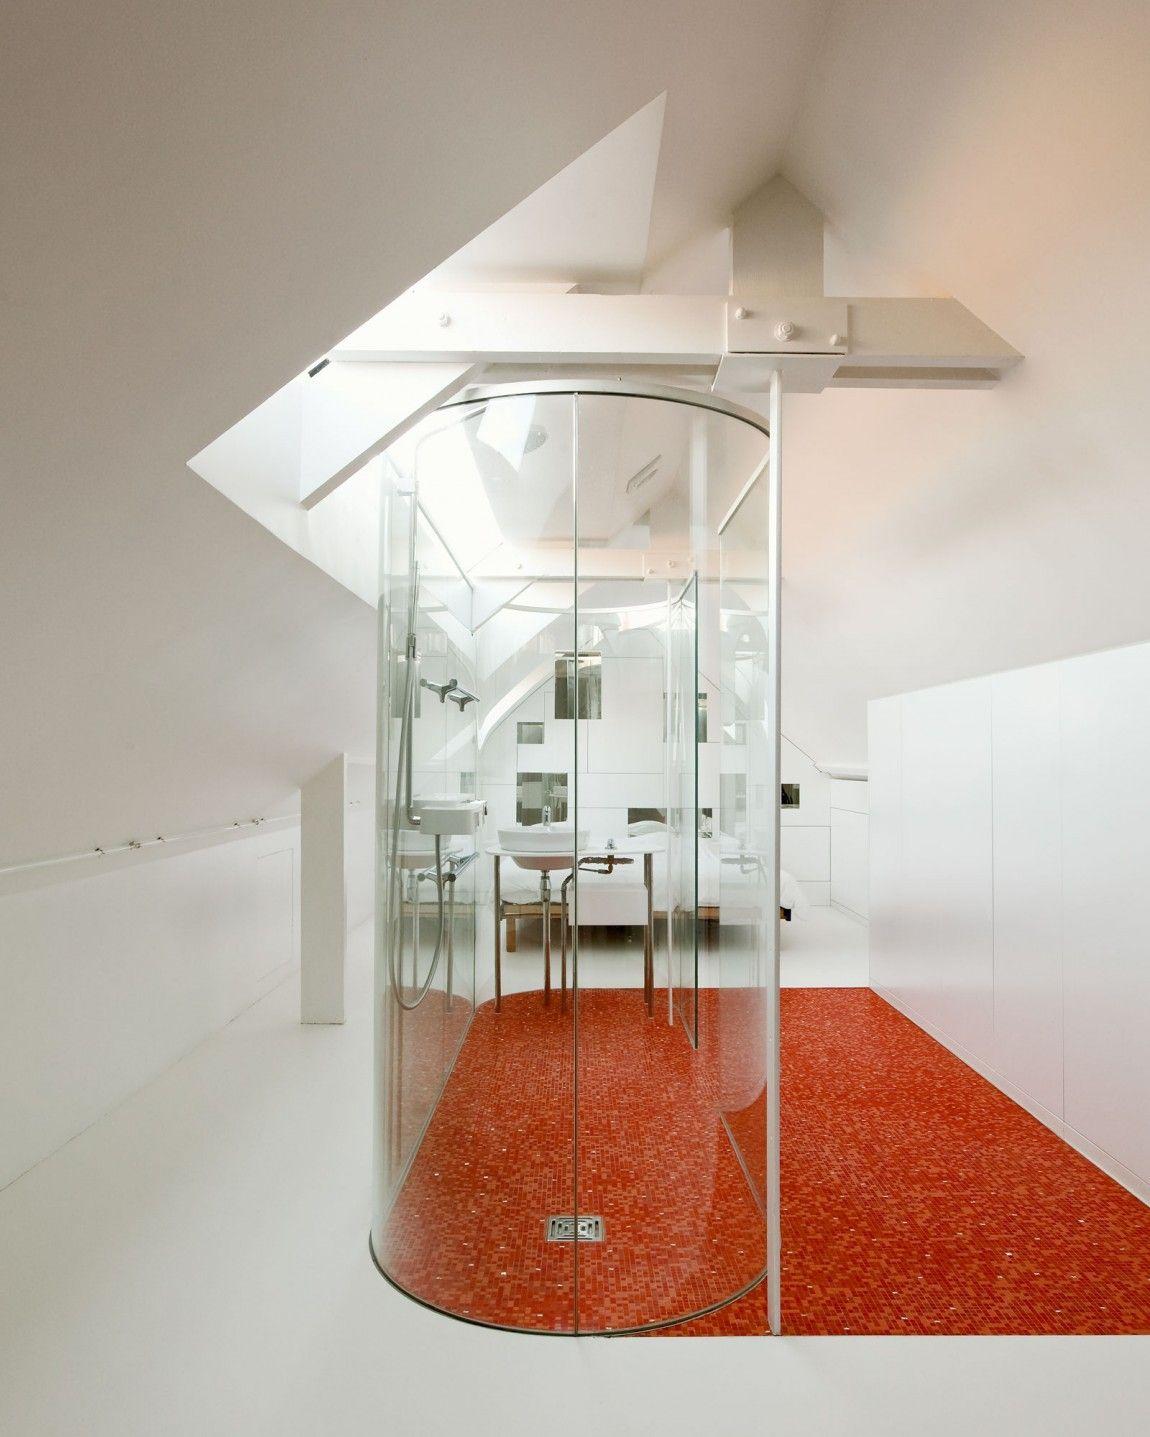 Bridal suite by M Architecture